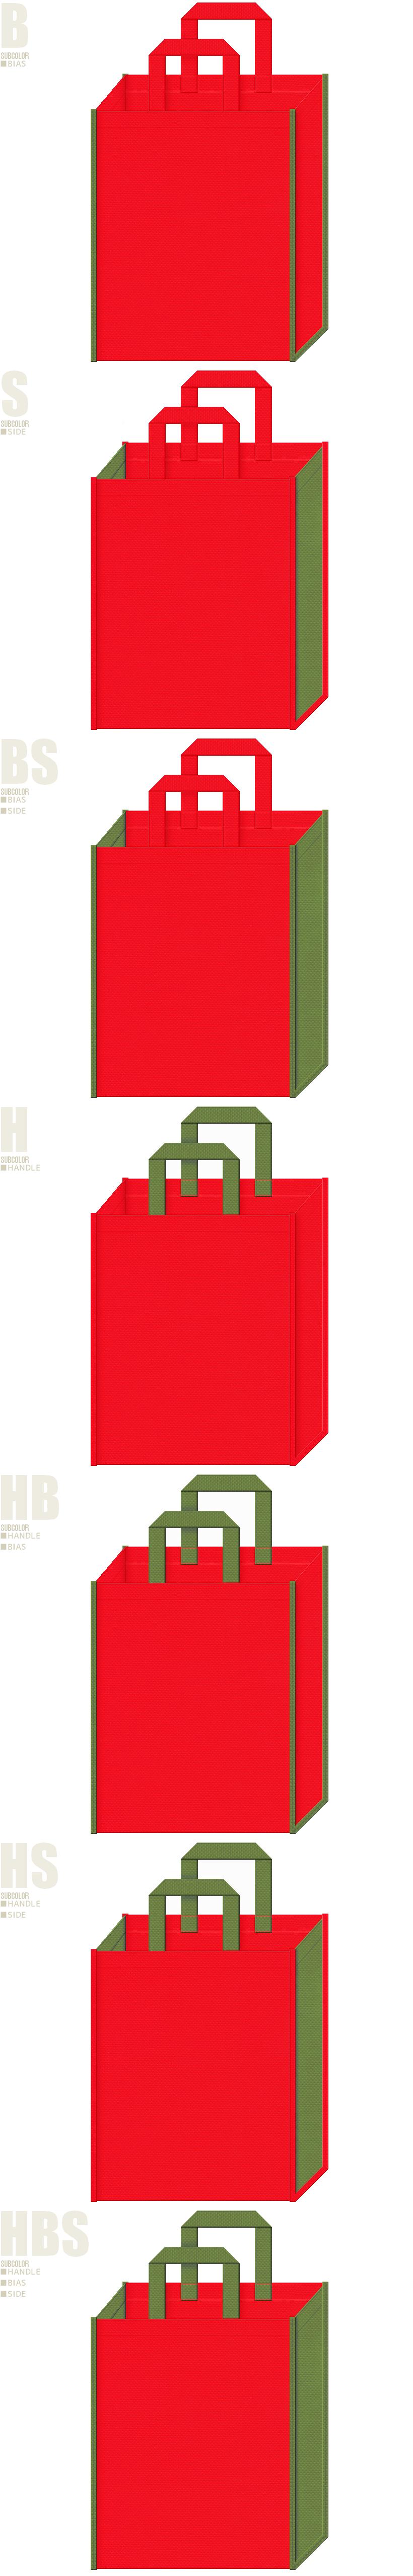 赤色と草色、7パターンの不織布トートバッグ配色デザイン例。